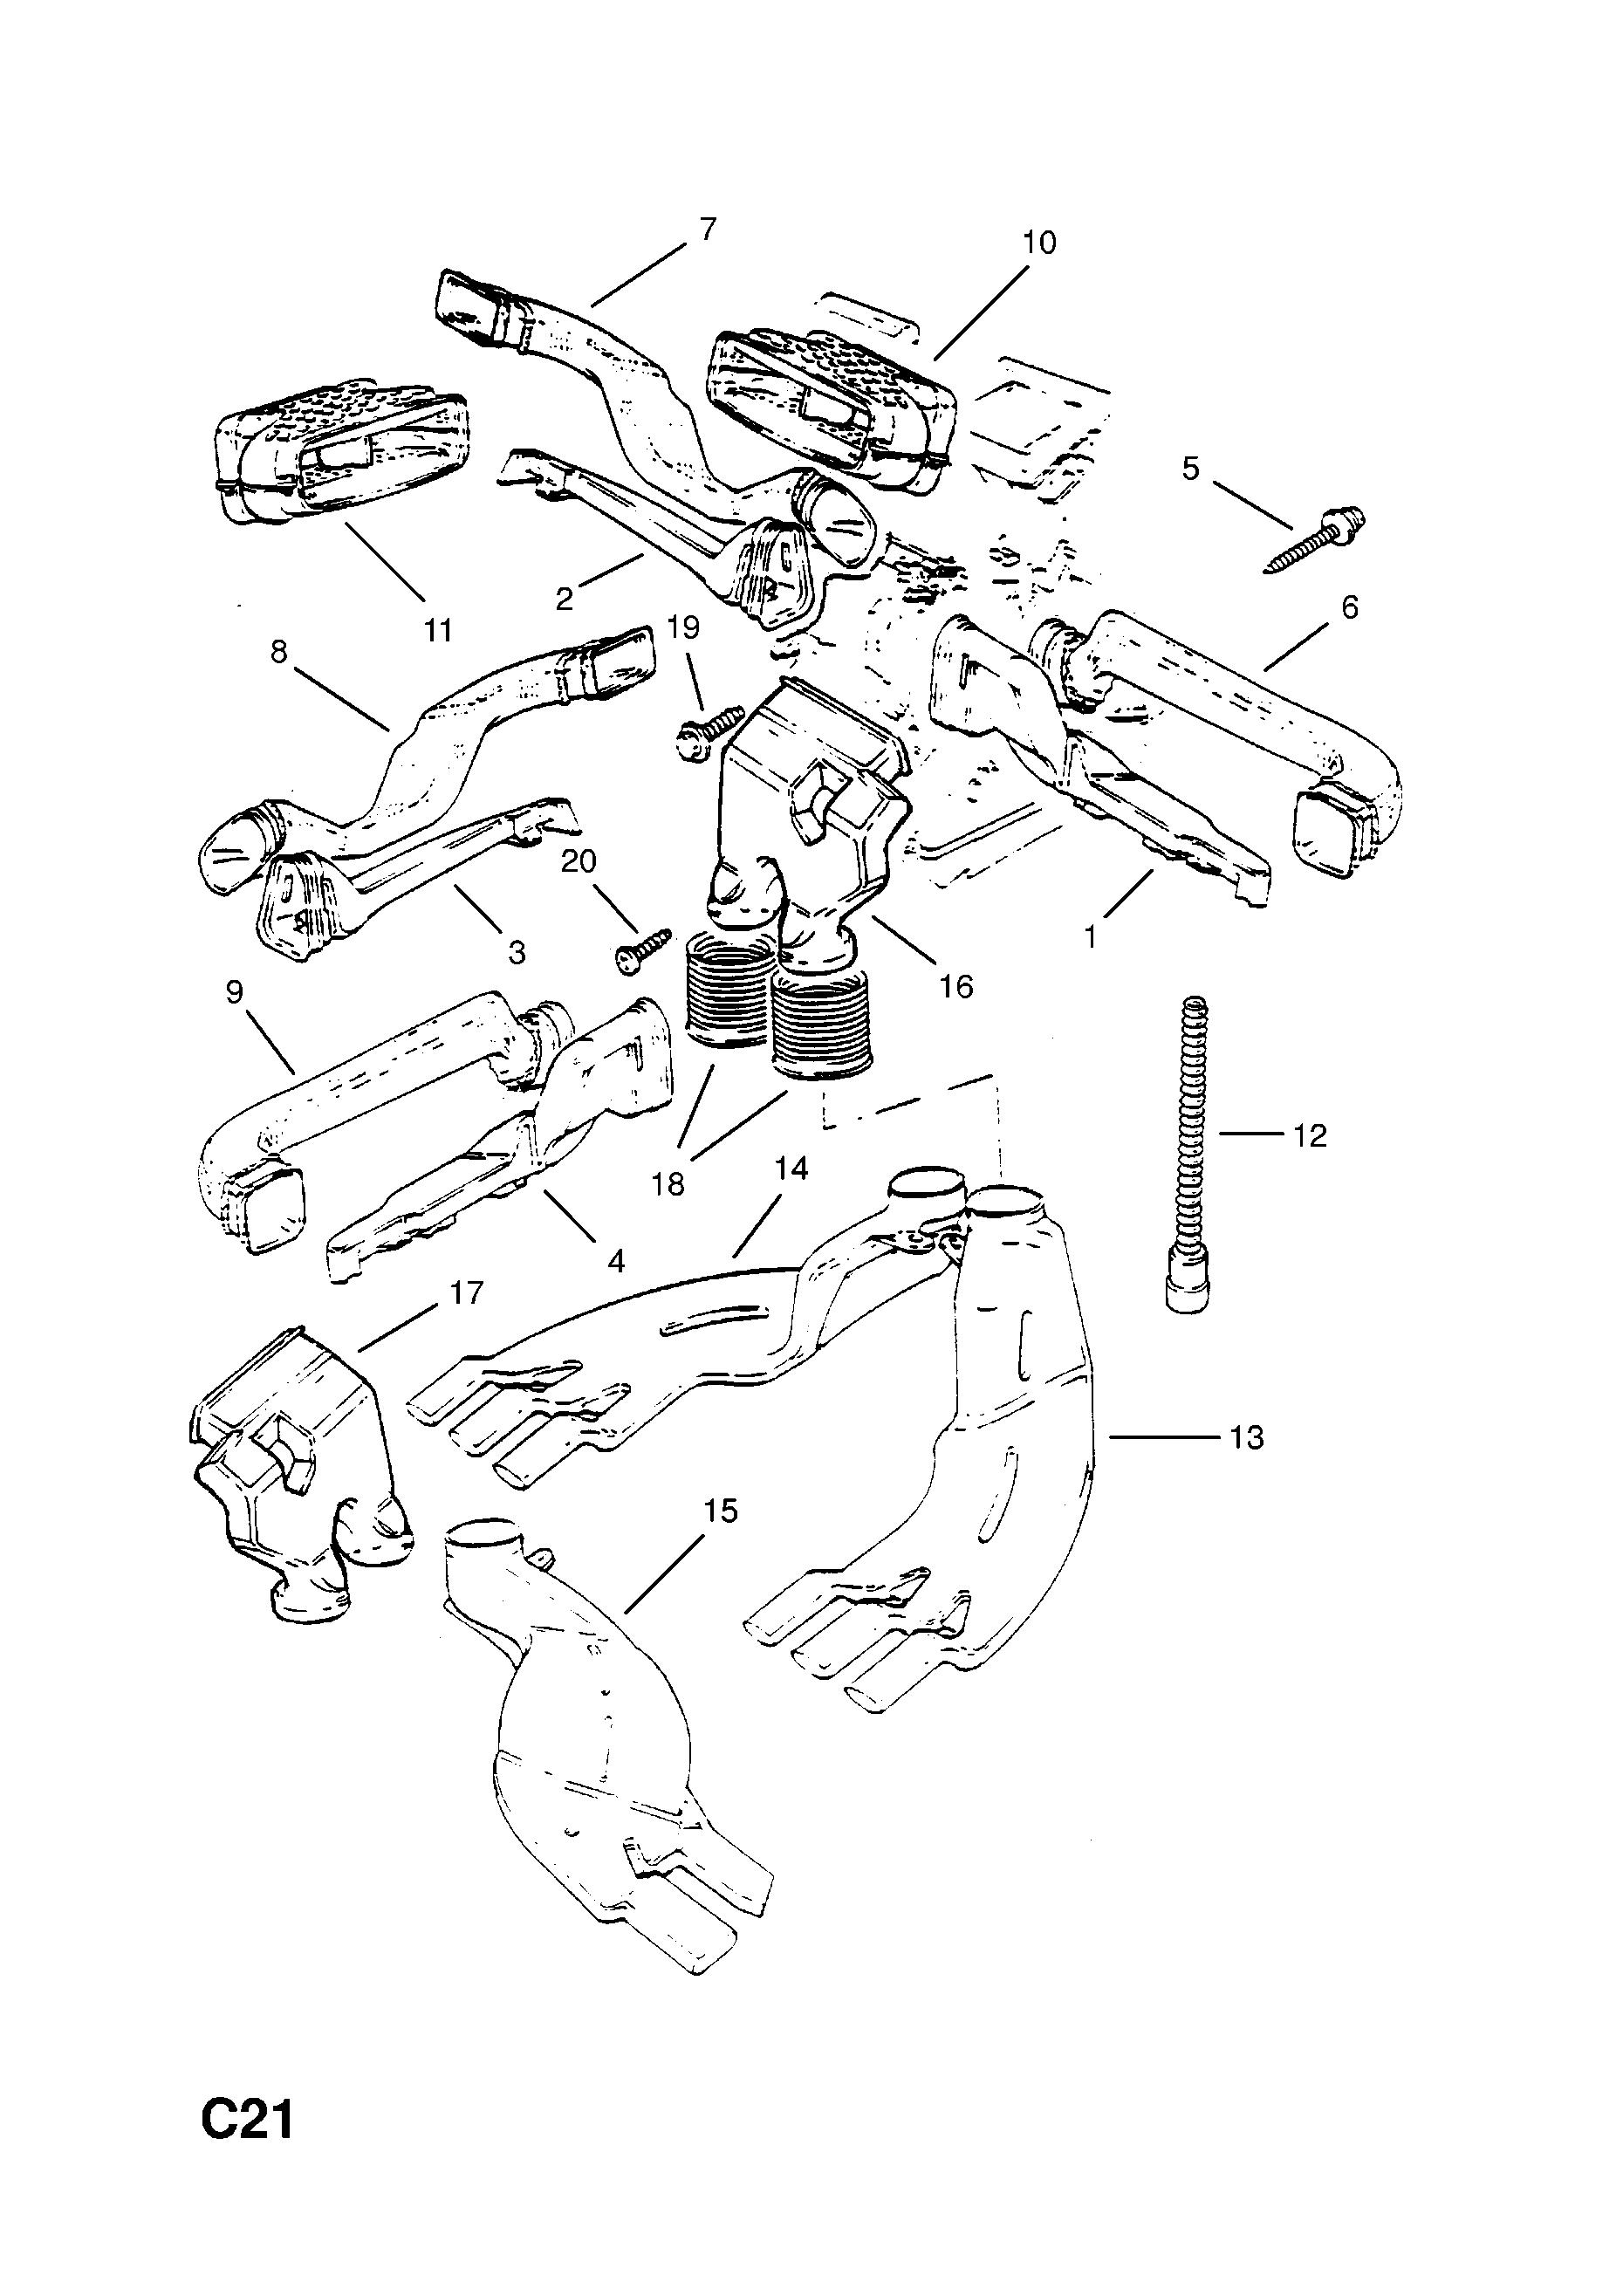 Opel Calibra 1989 1997 C Body Interior Fittings 8 Air Vacuum Diagram Gm Part Number Genuine Description Range Container And Hose